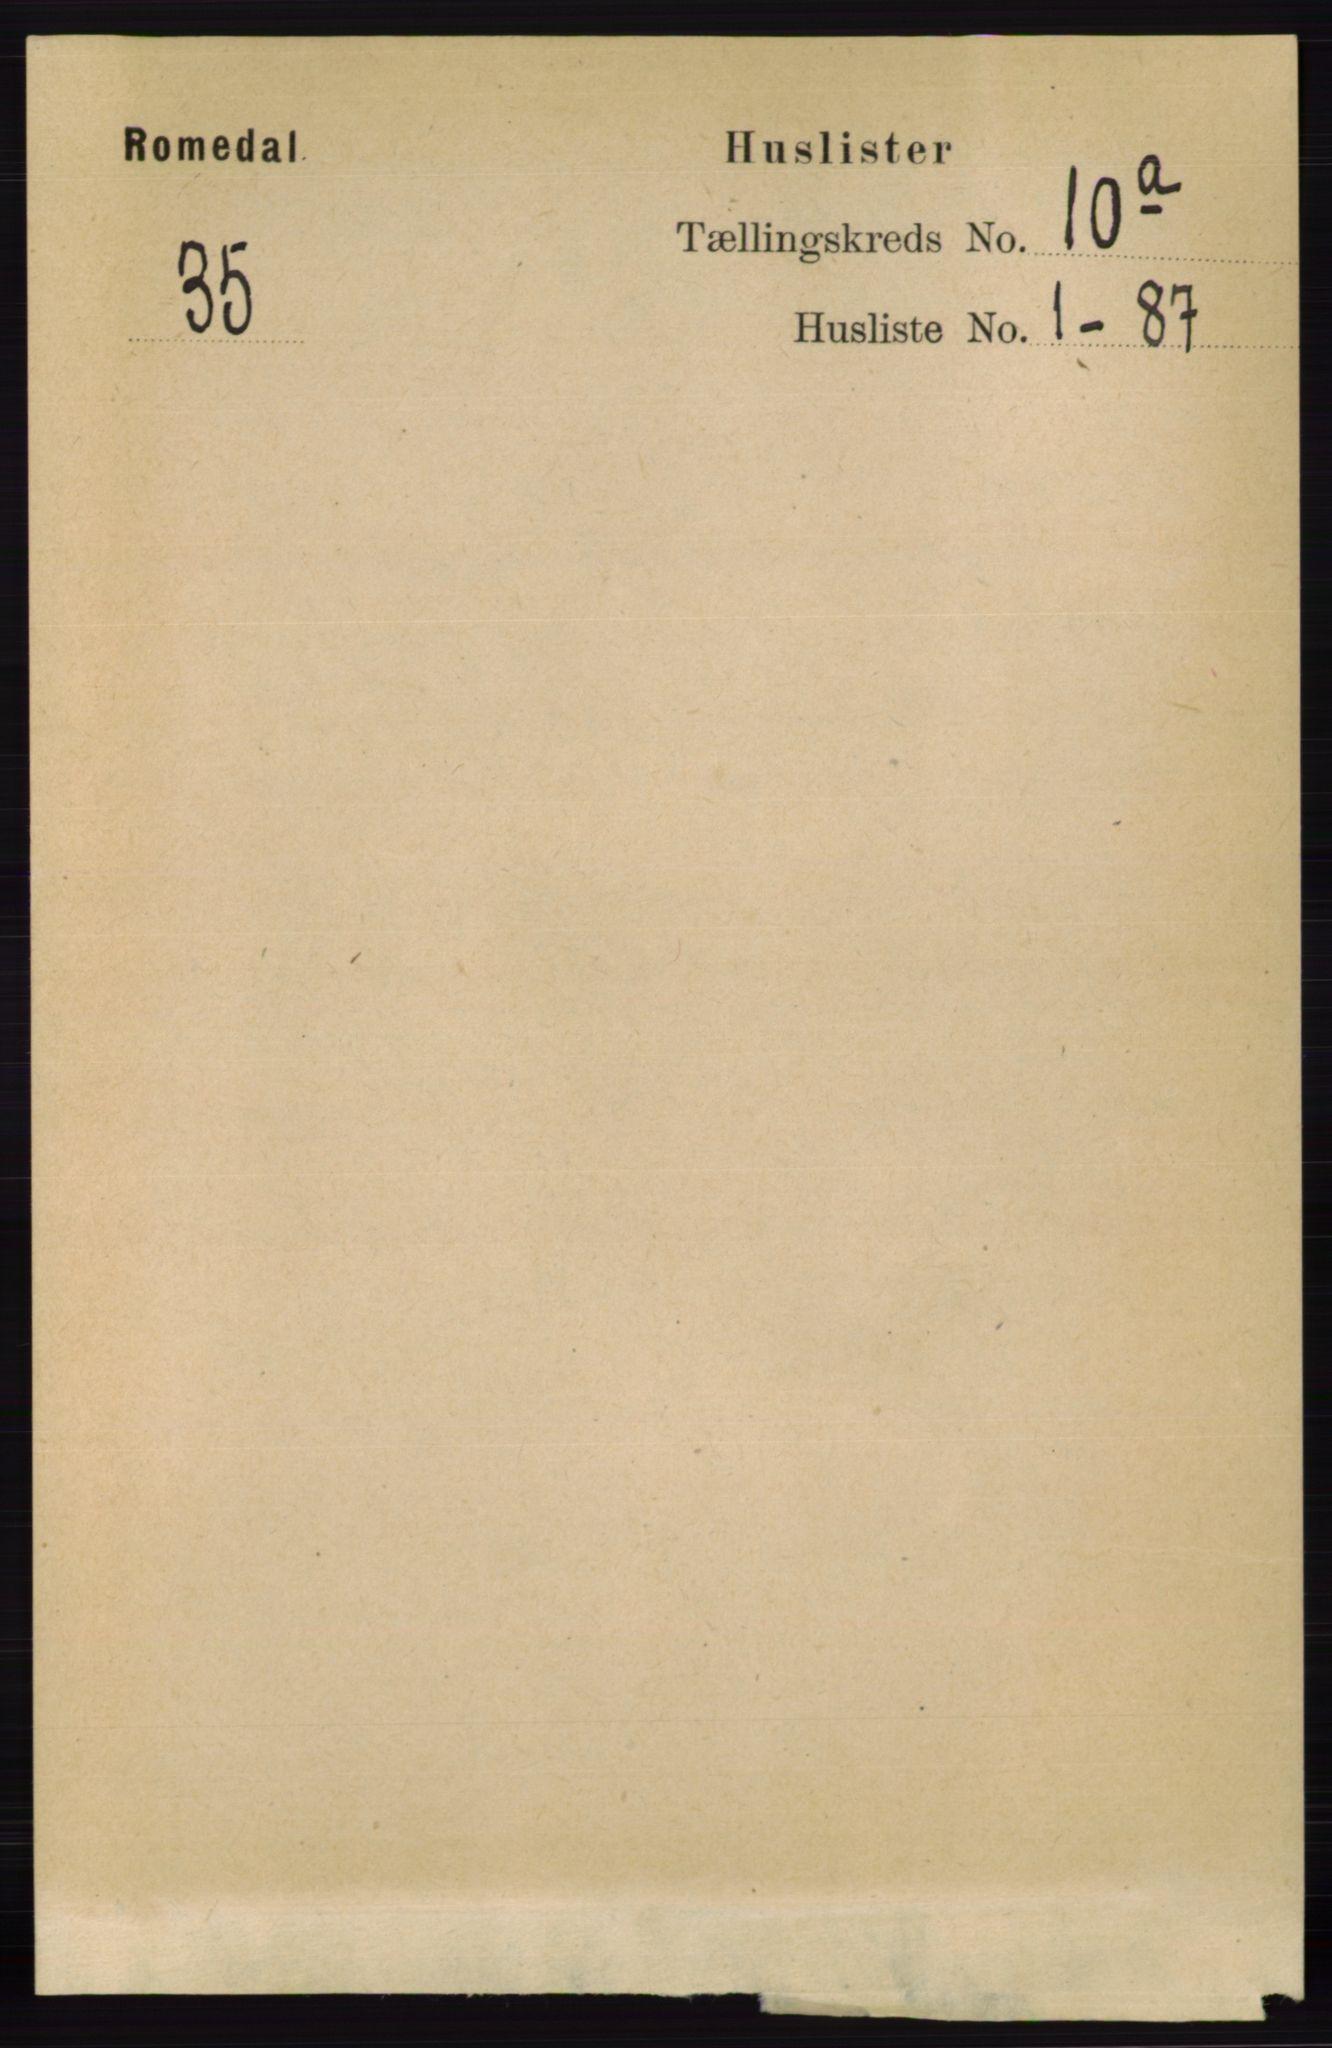 RA, Folketelling 1891 for 0416 Romedal herred, 1891, s. 4721